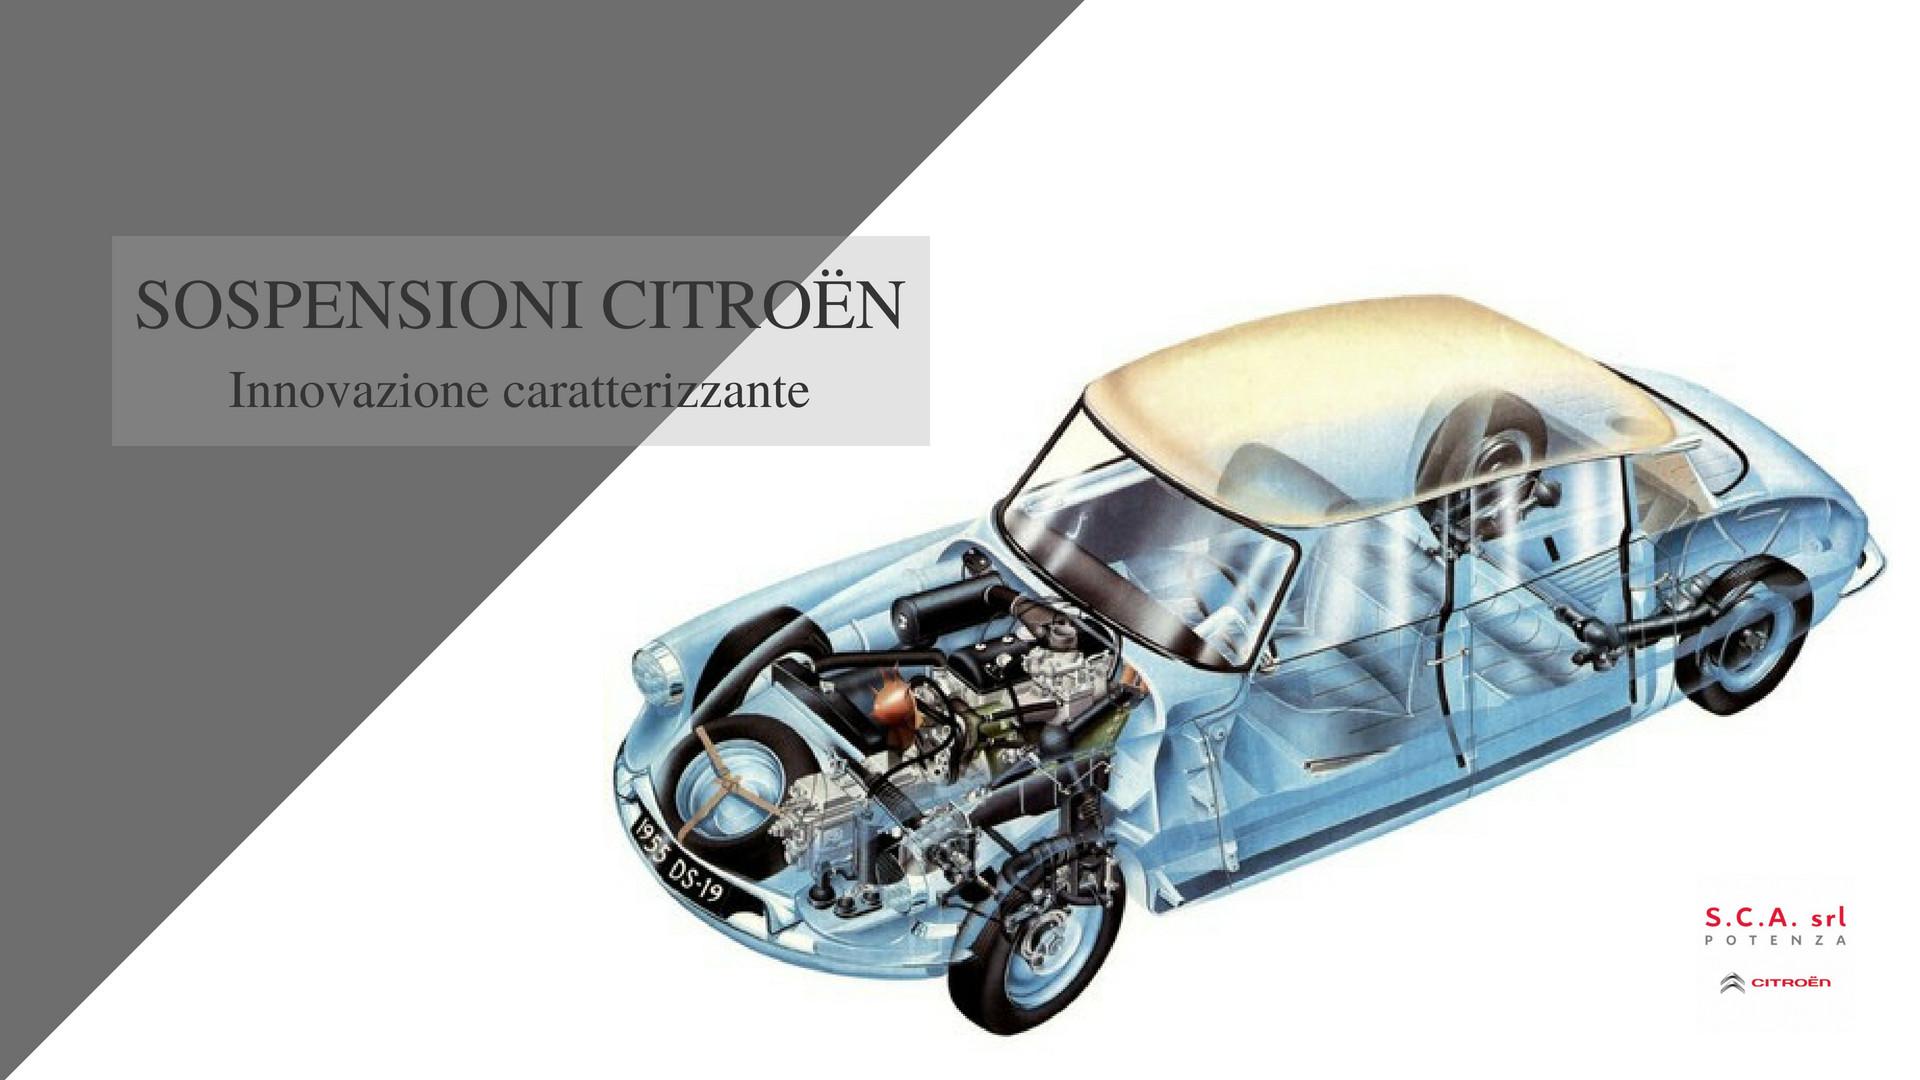 Sospensioni Citroën: storia di una formidabile tradizione